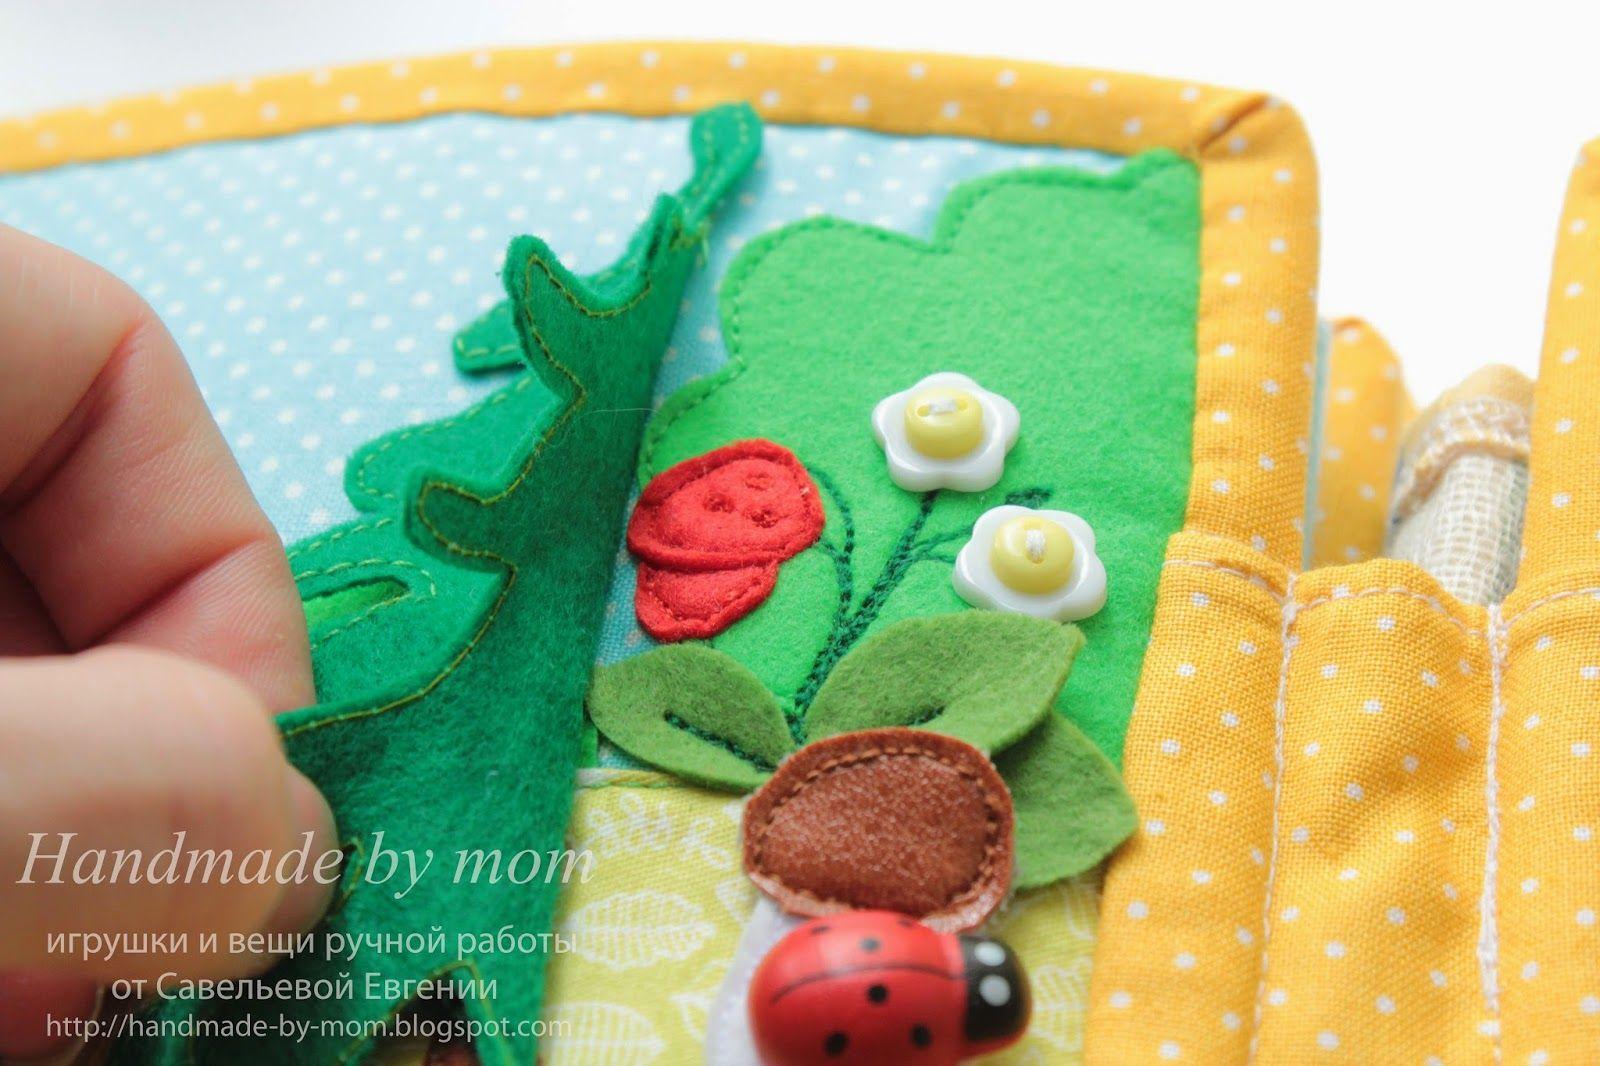 Handmade by mom: Новая развивающая книжка, для мальчугана, которому скоро исполнится годик!